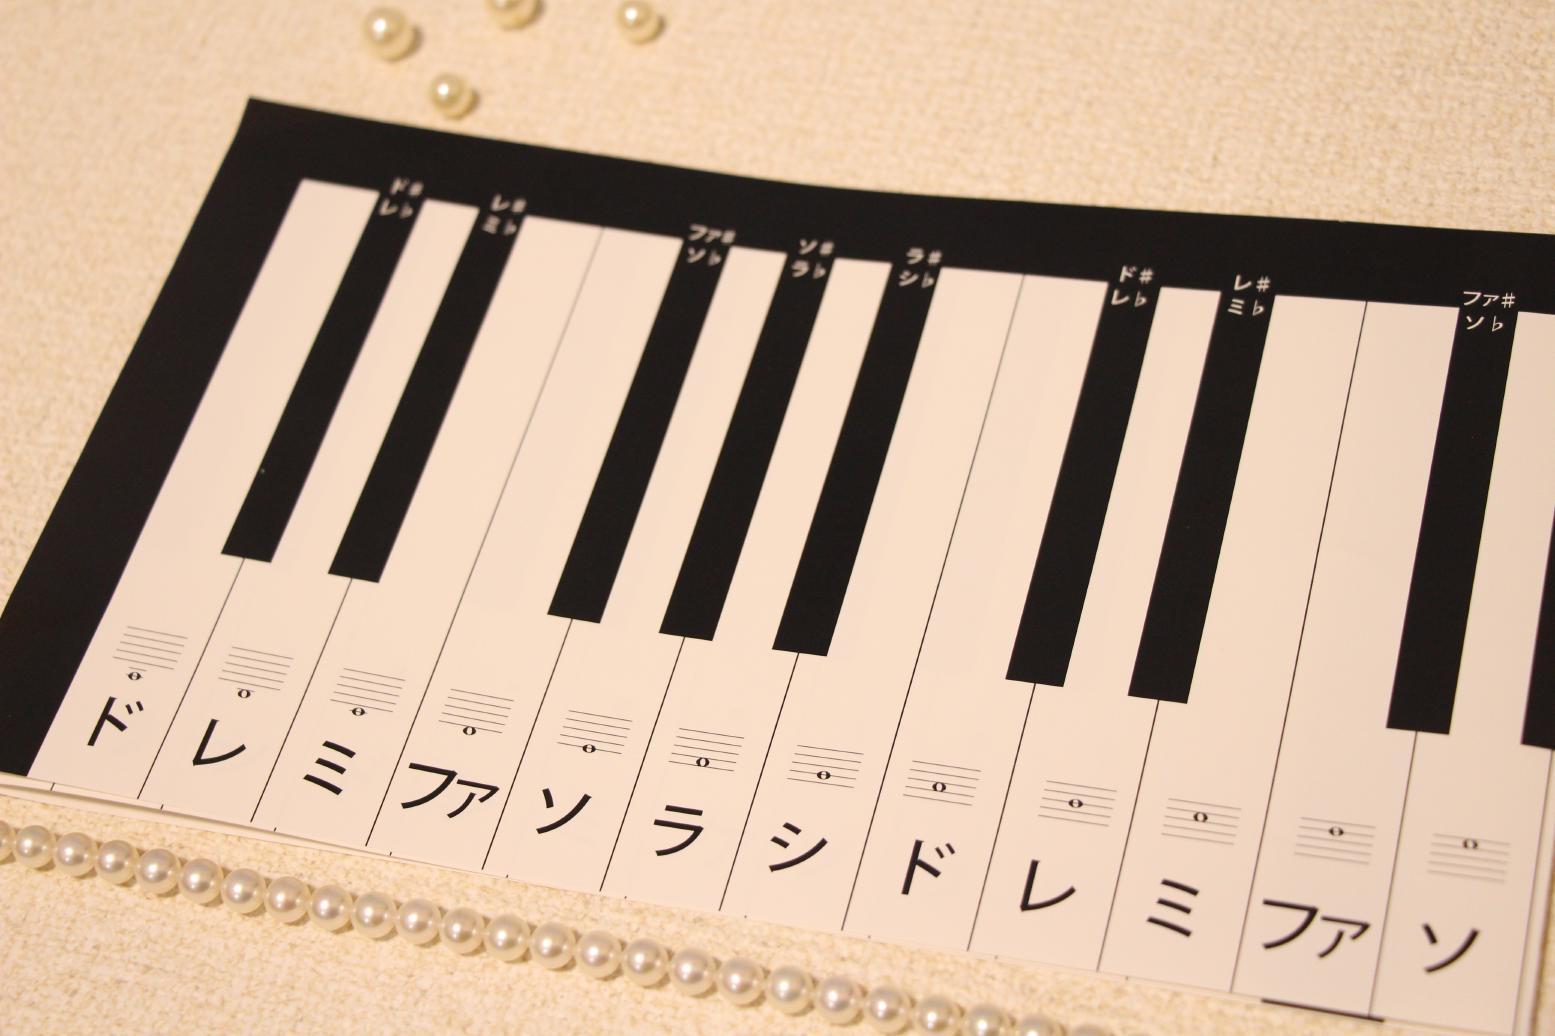 【家にピアノがない!】ピアノを持っていなくてもできる3つの練習法